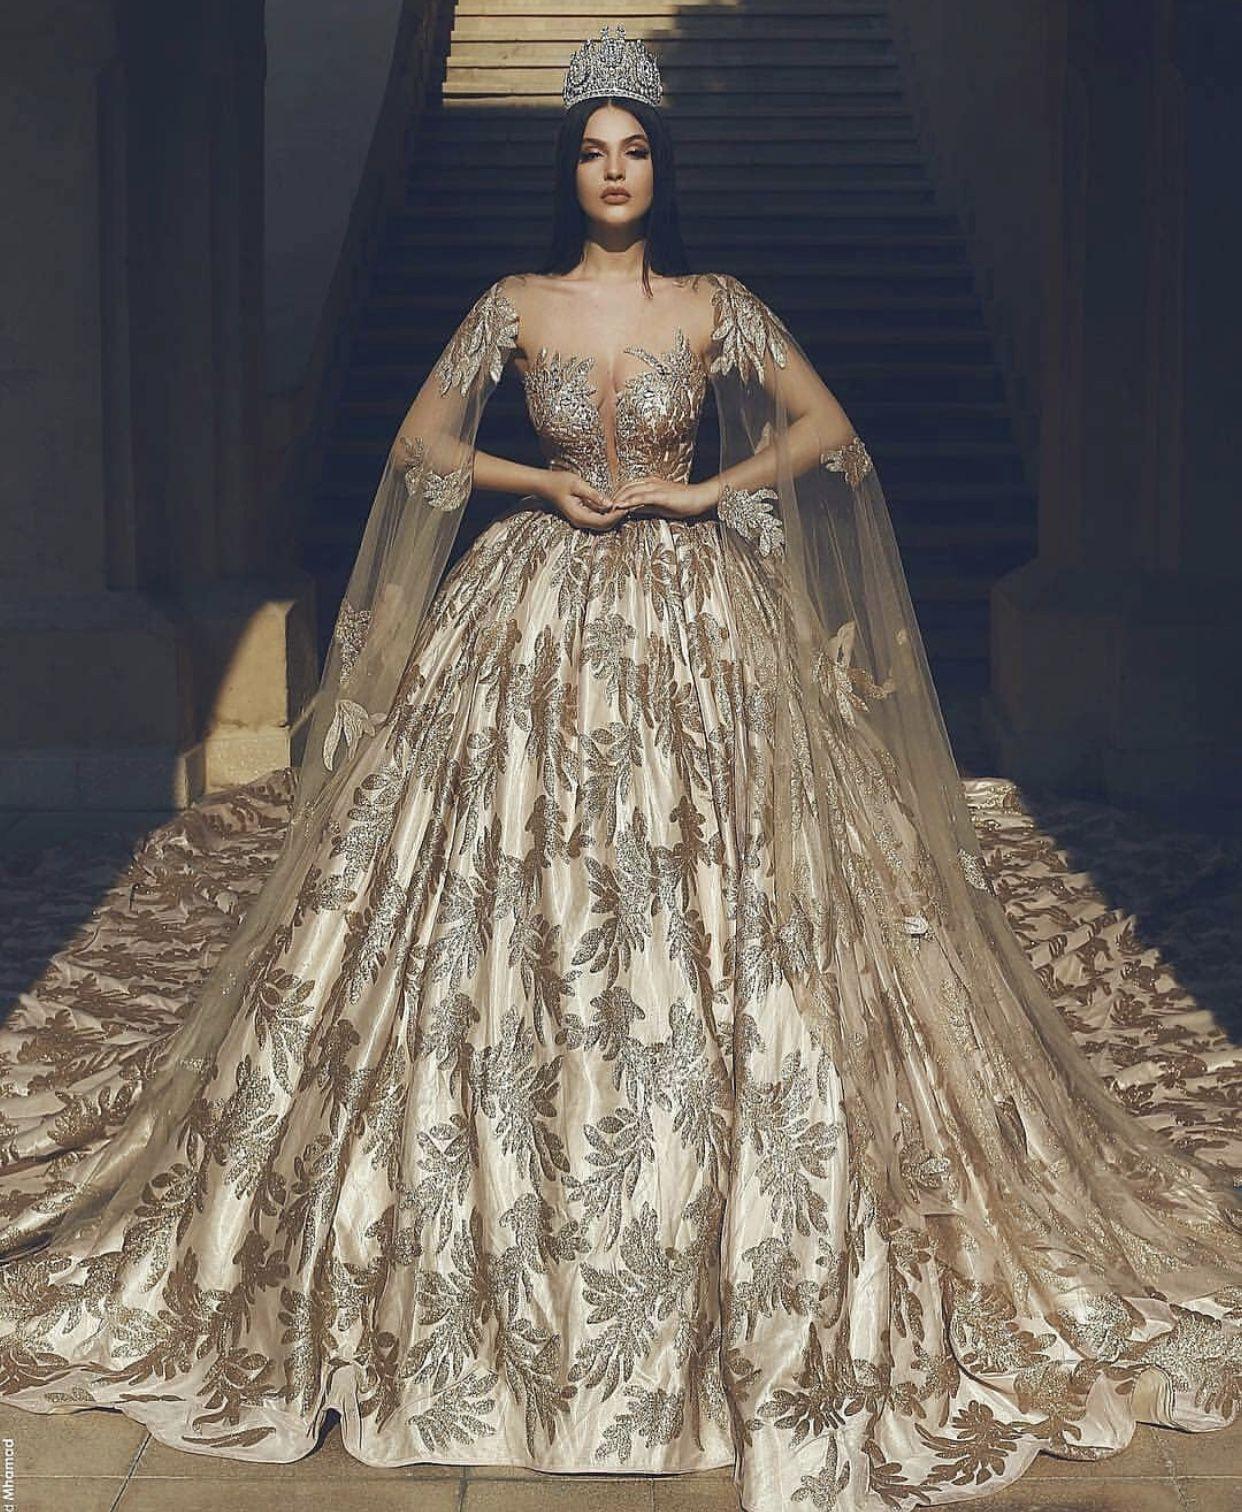 20 Perfekt Elegante Kleider Größe 46 Galerie20 Schön Elegante Kleider Größe 46 Design